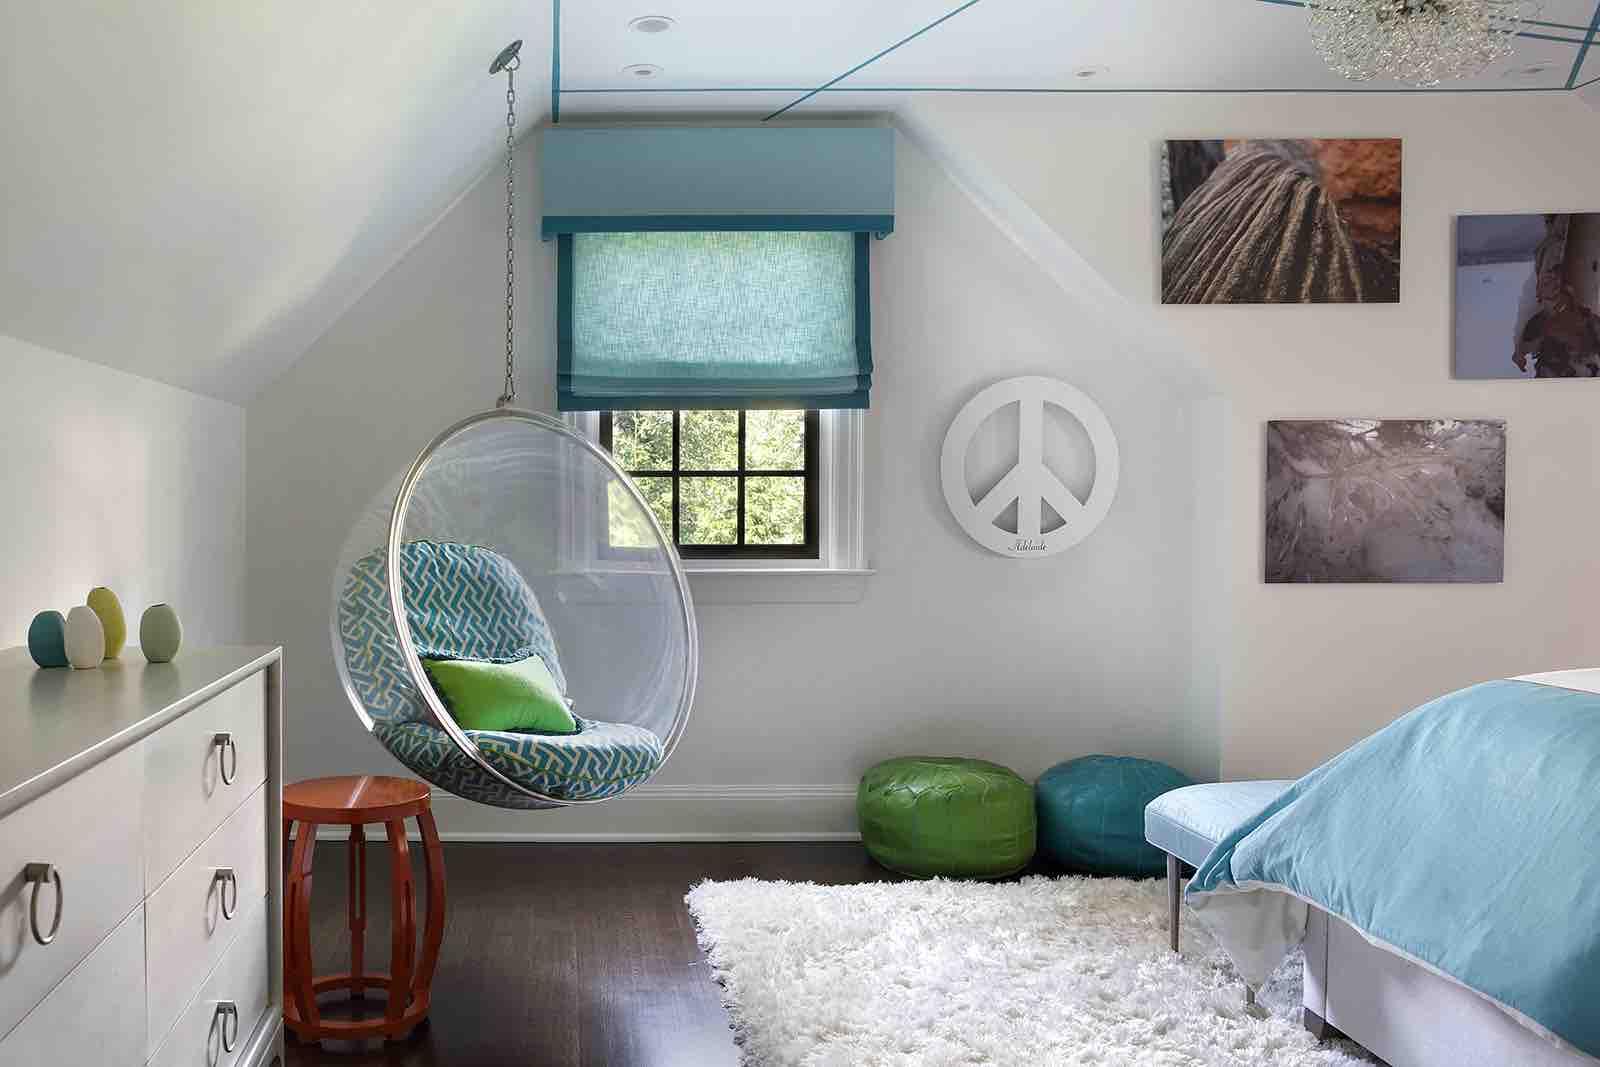 Teen Girl's BEDROOM & BATH – Summit, NJ Home Renovation